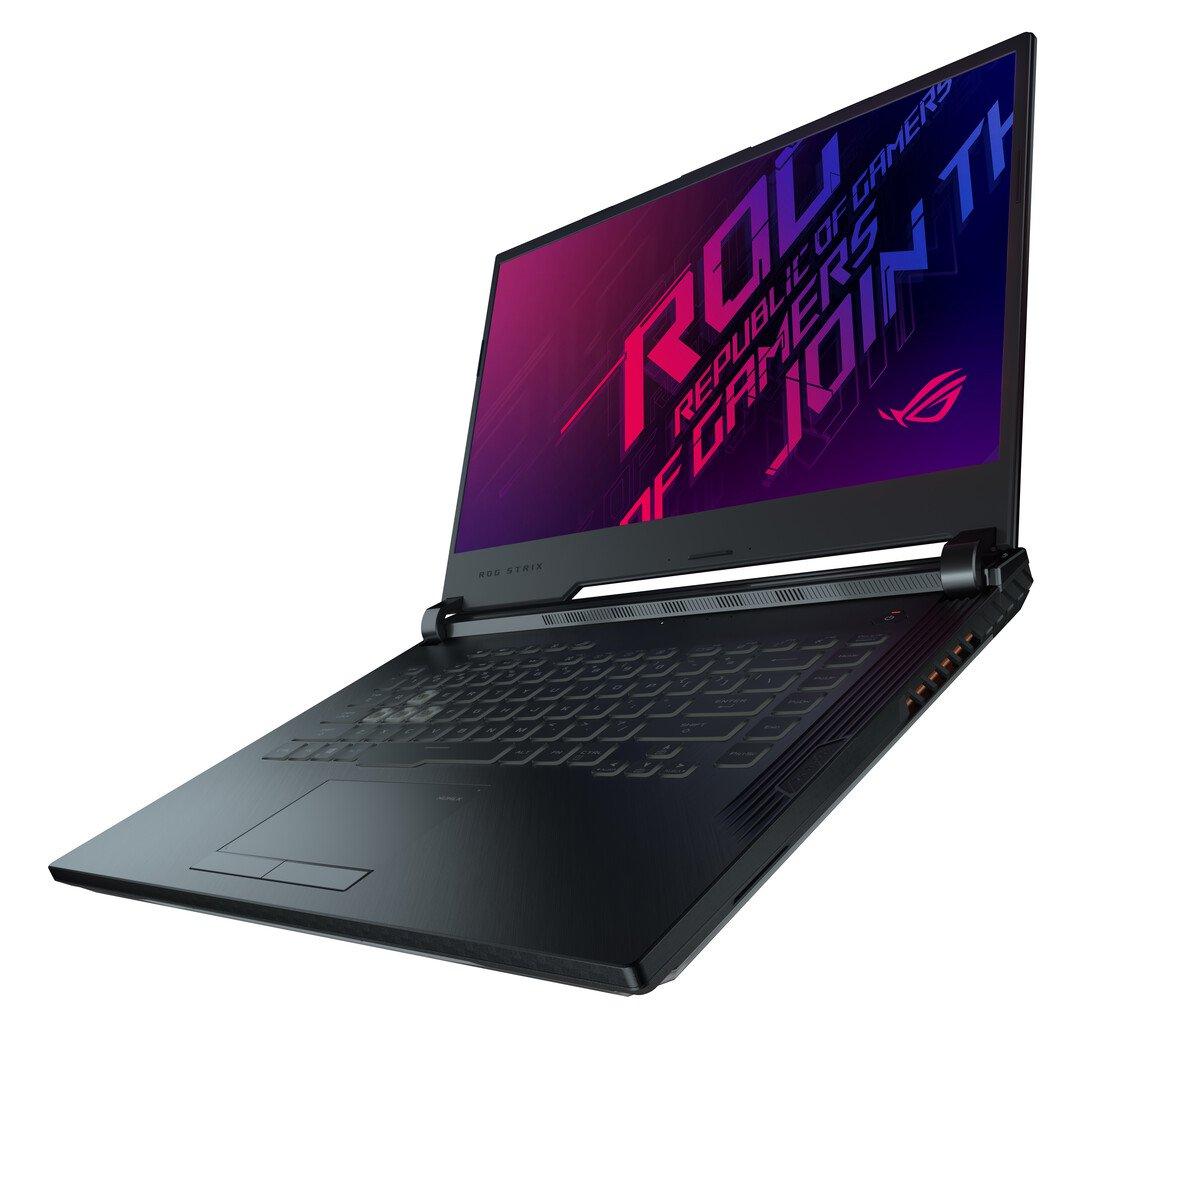 Новые игровые ноутбуки Asus ROG стали доступны в России10